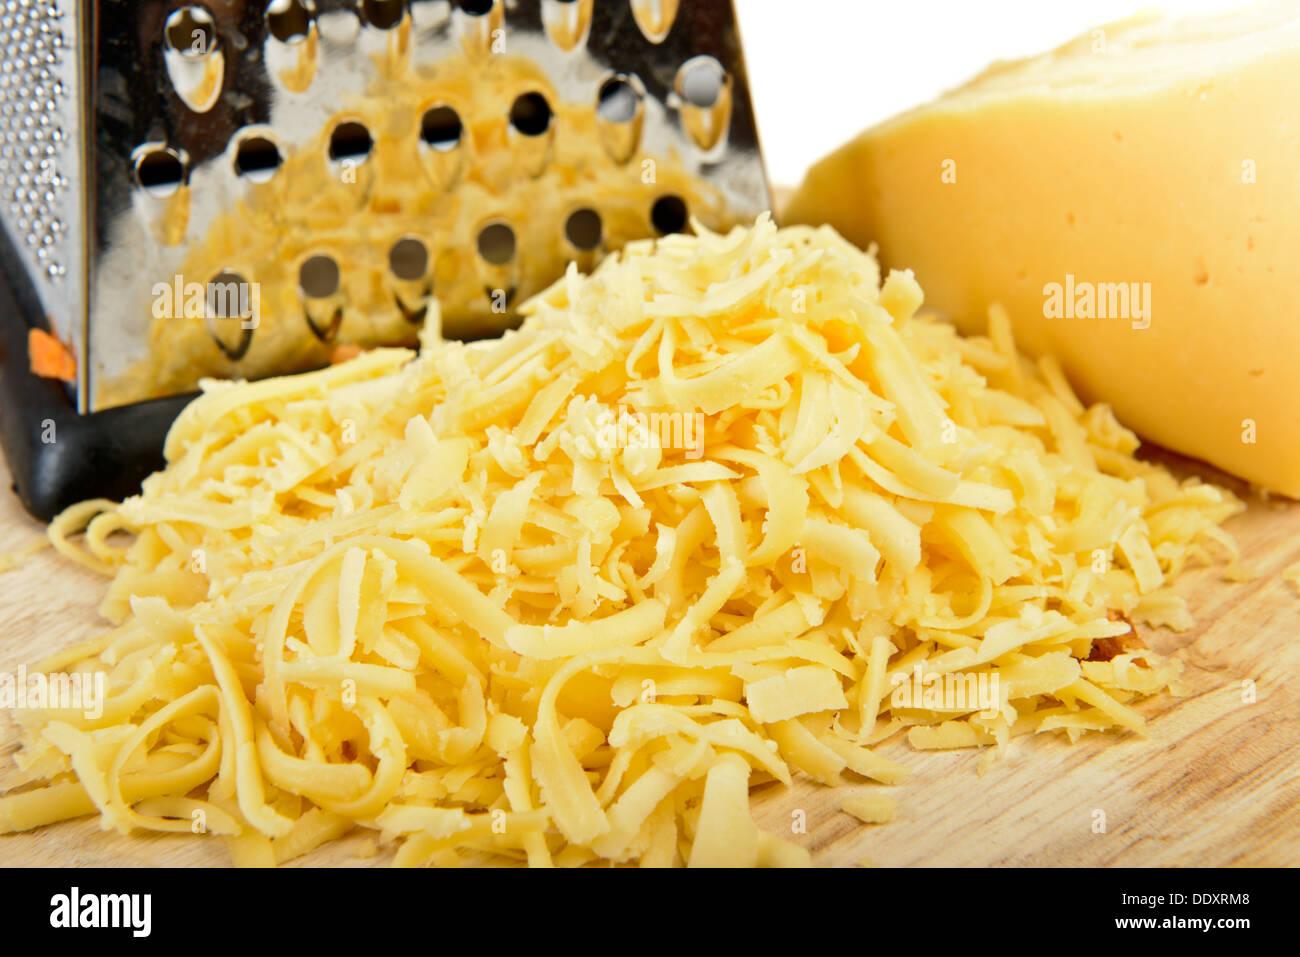 Fromage râpé sur une planche à découper Photo Stock